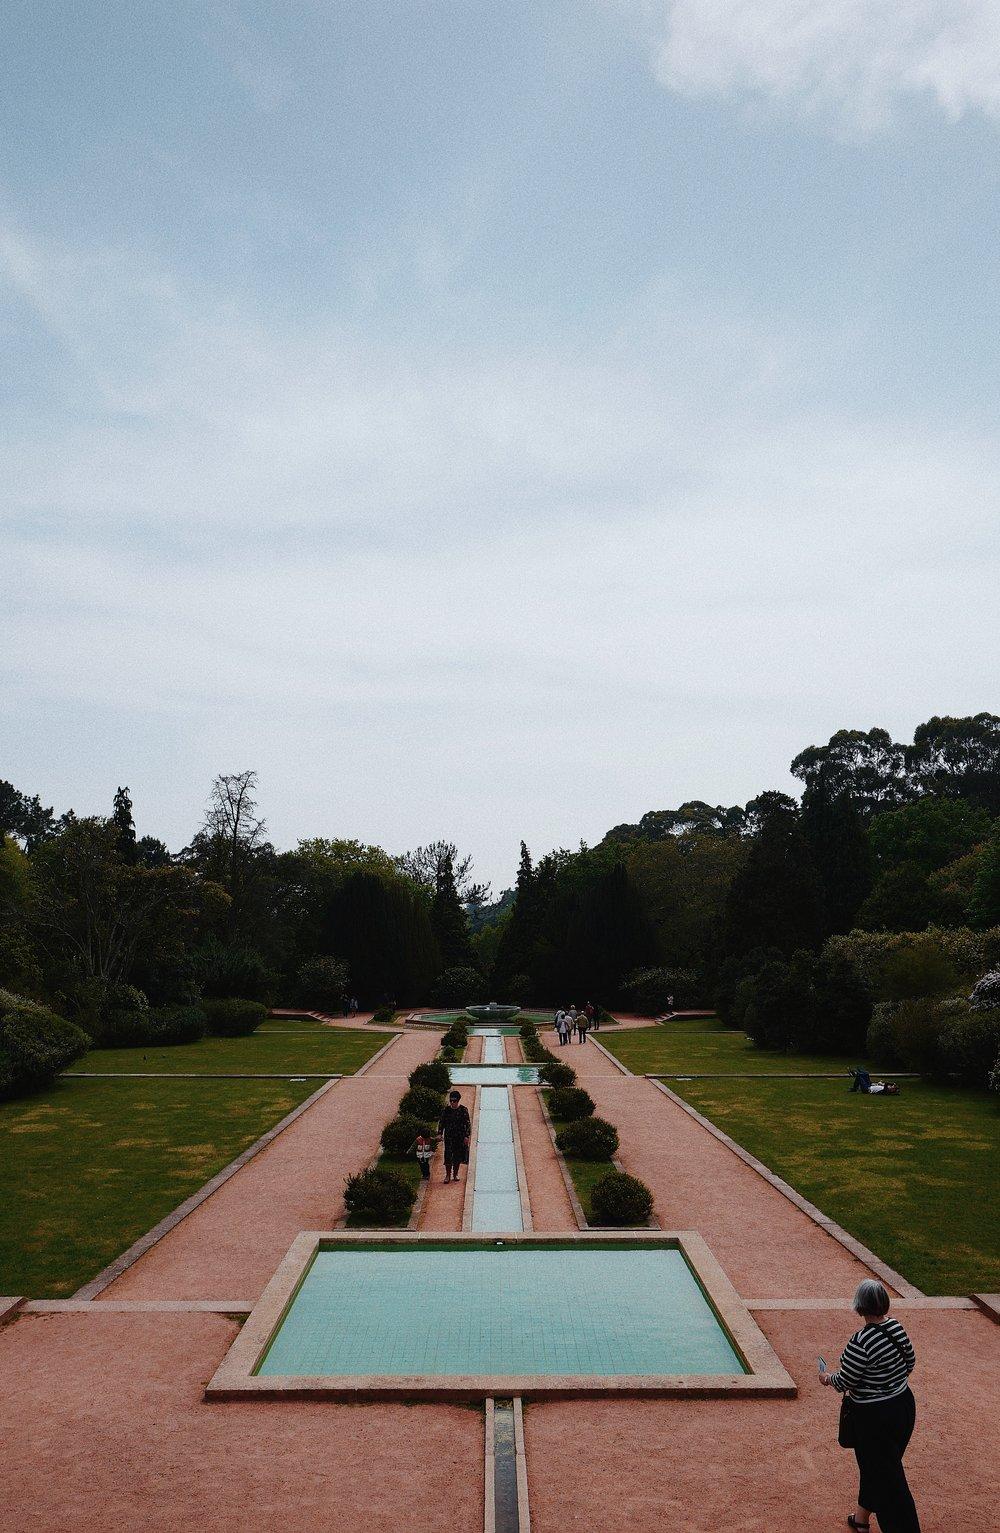 Serralves Garden / Parque de Serralves